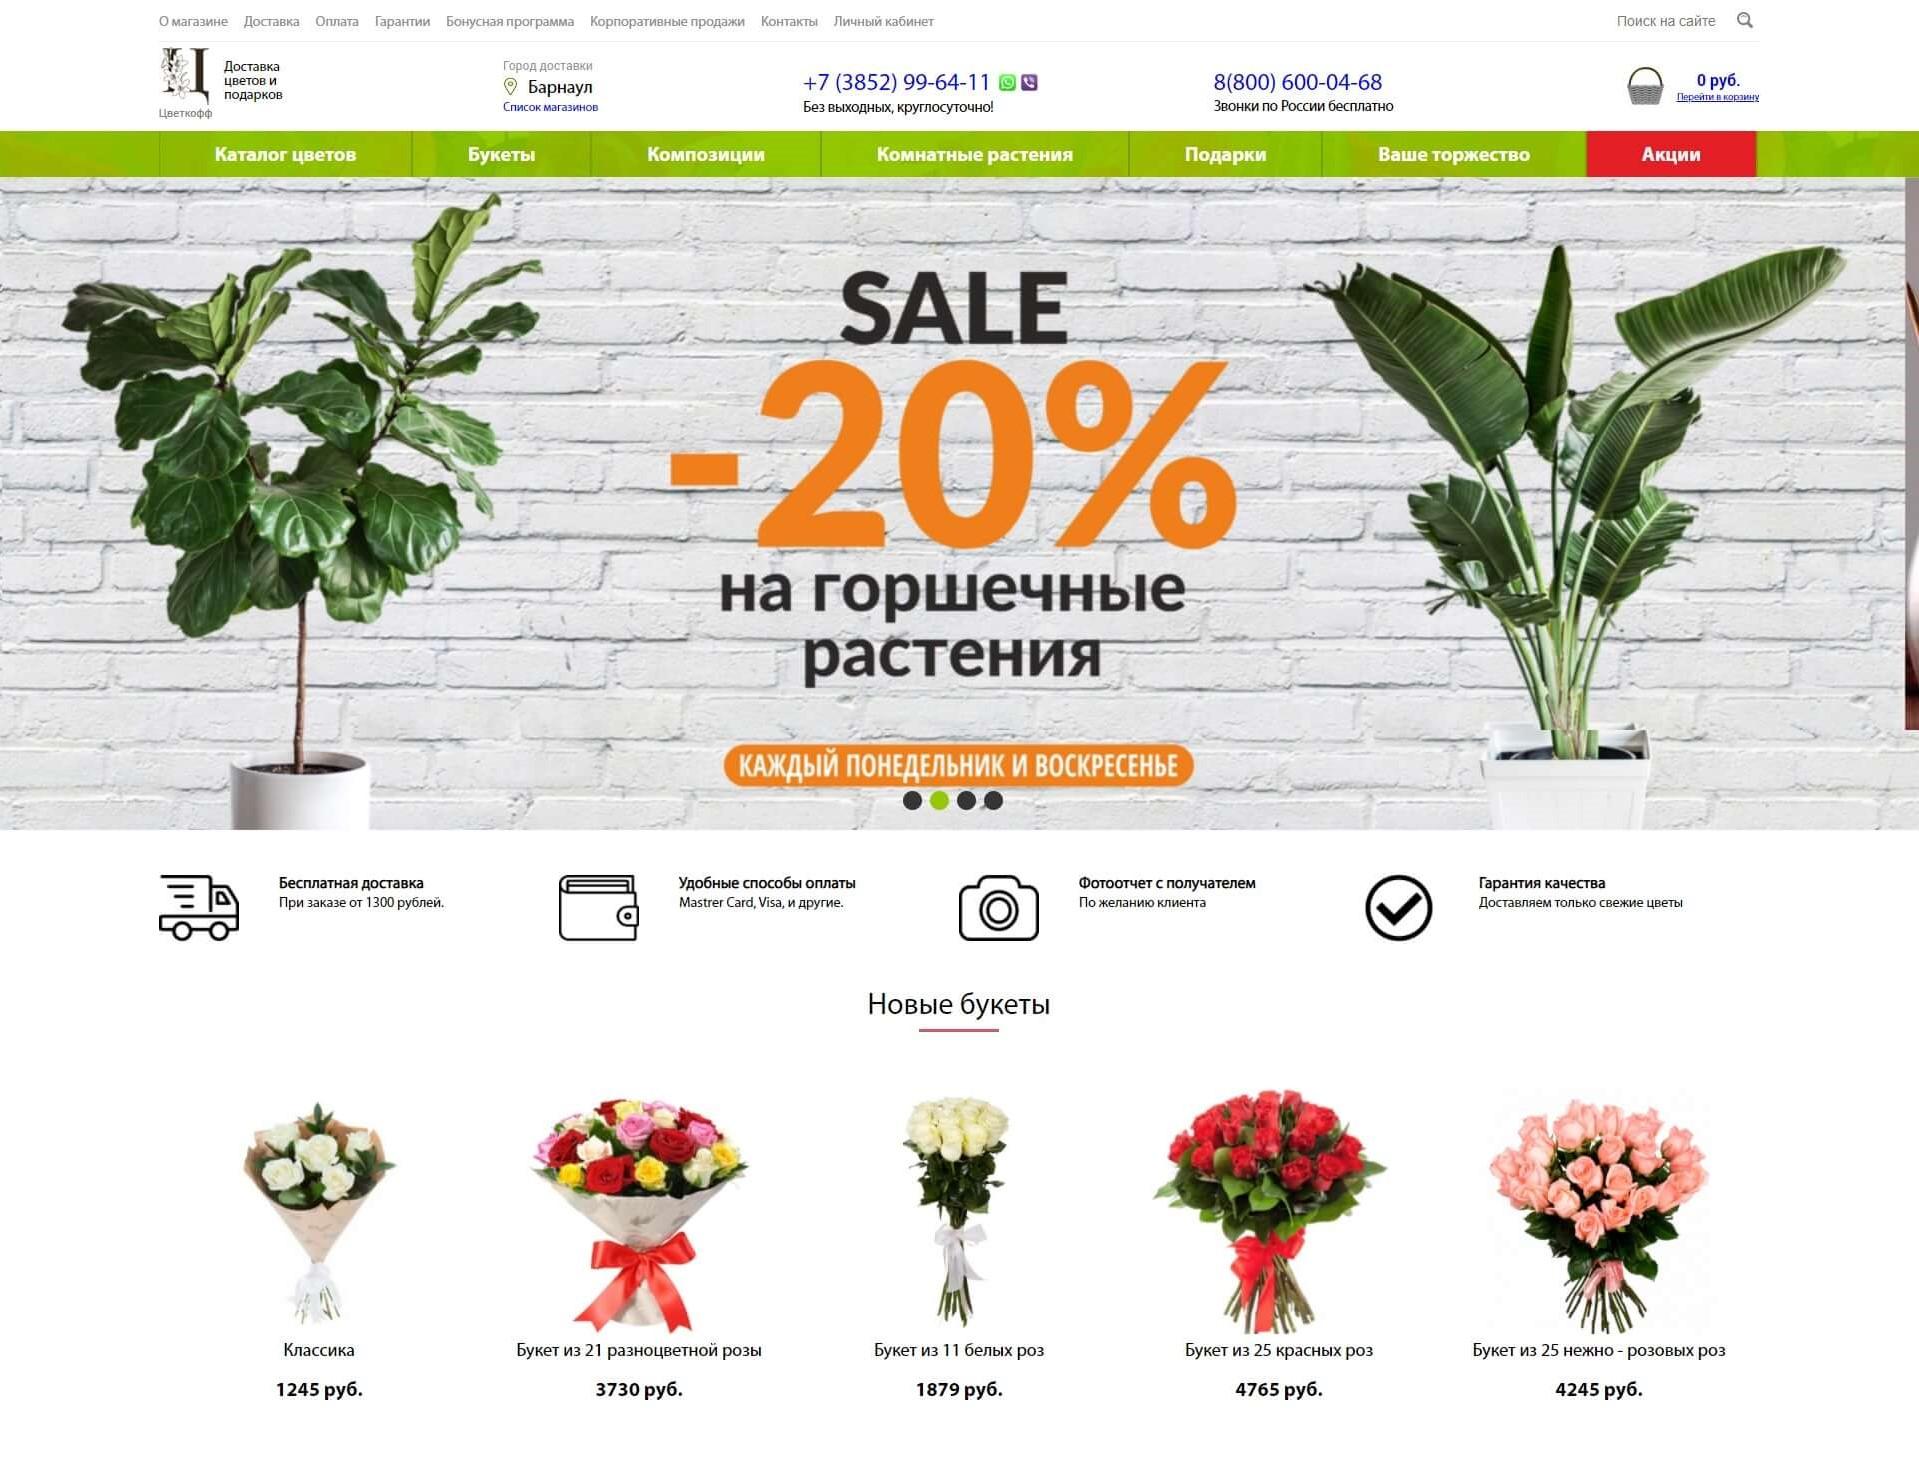 Интернет-магазин по продаже цветов и подарков